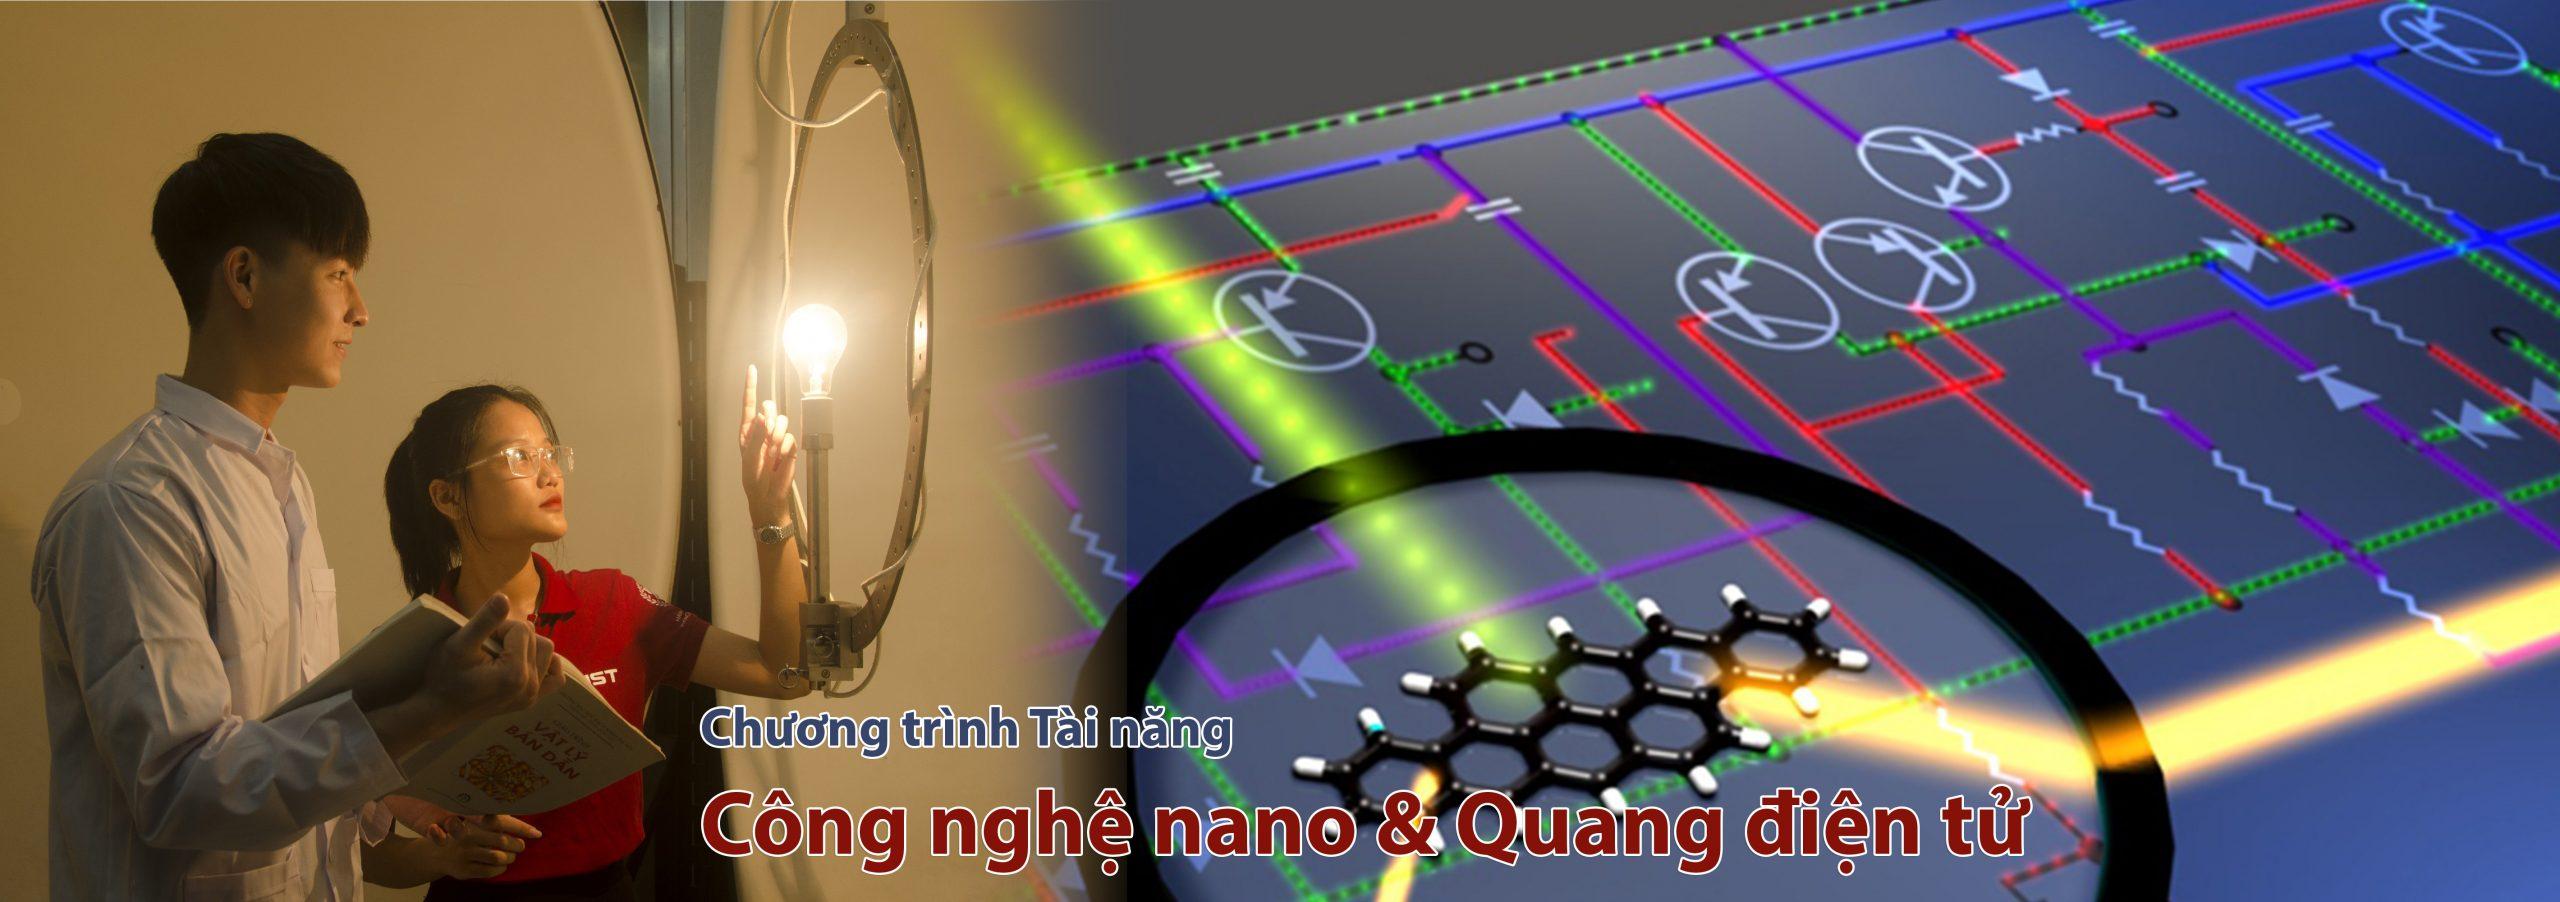 Chương trình ELITECH Công nghệ nano và Quang điện tử